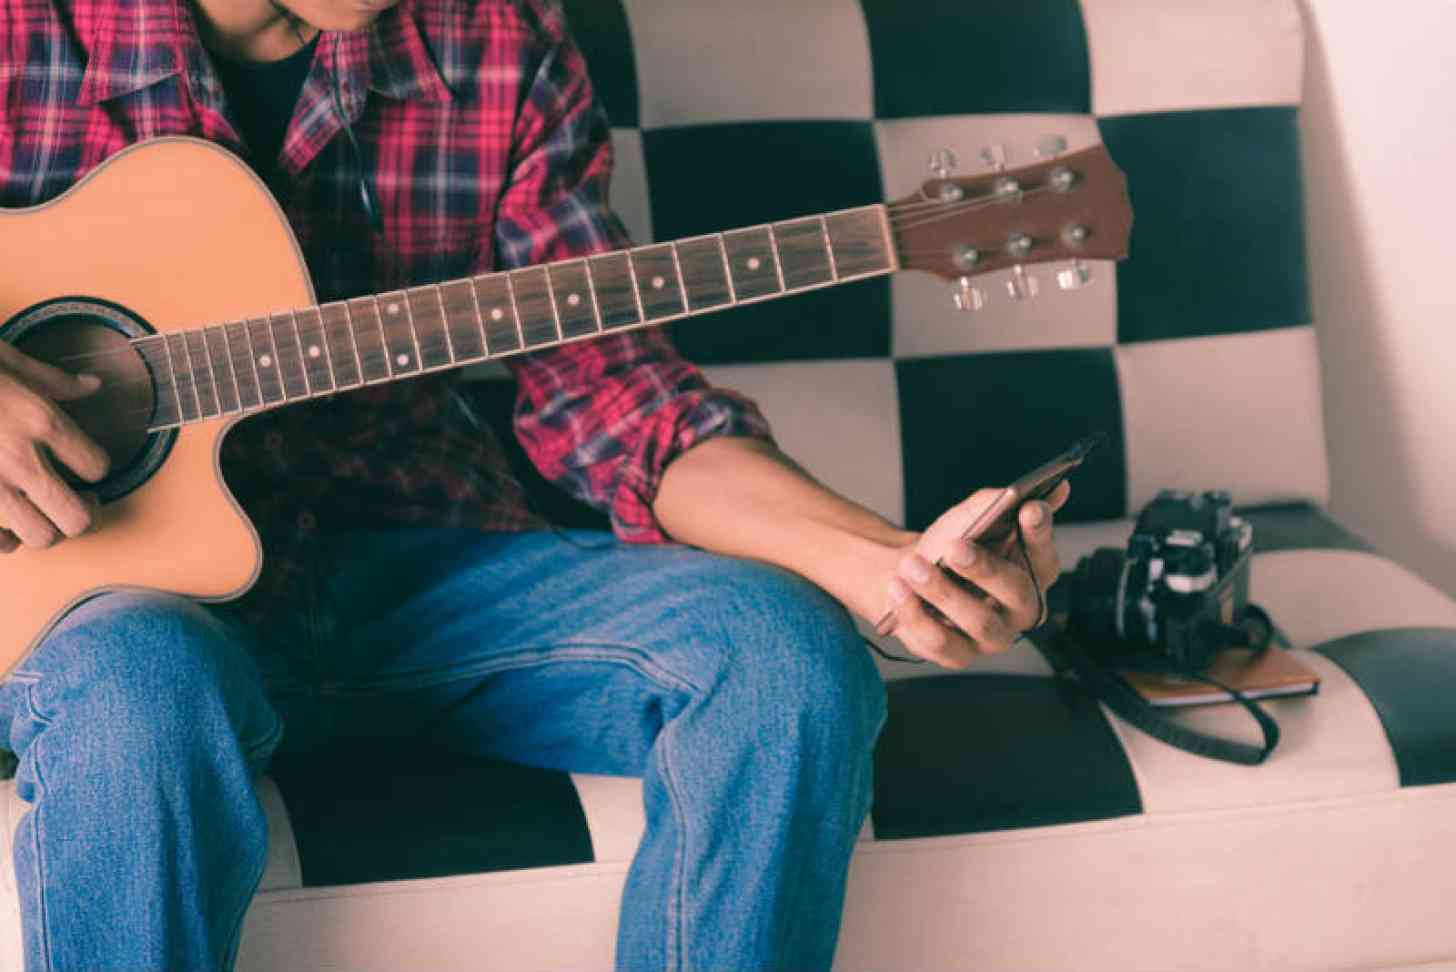 Samsung to Shut Down Milk Music Streaming Service in Australia